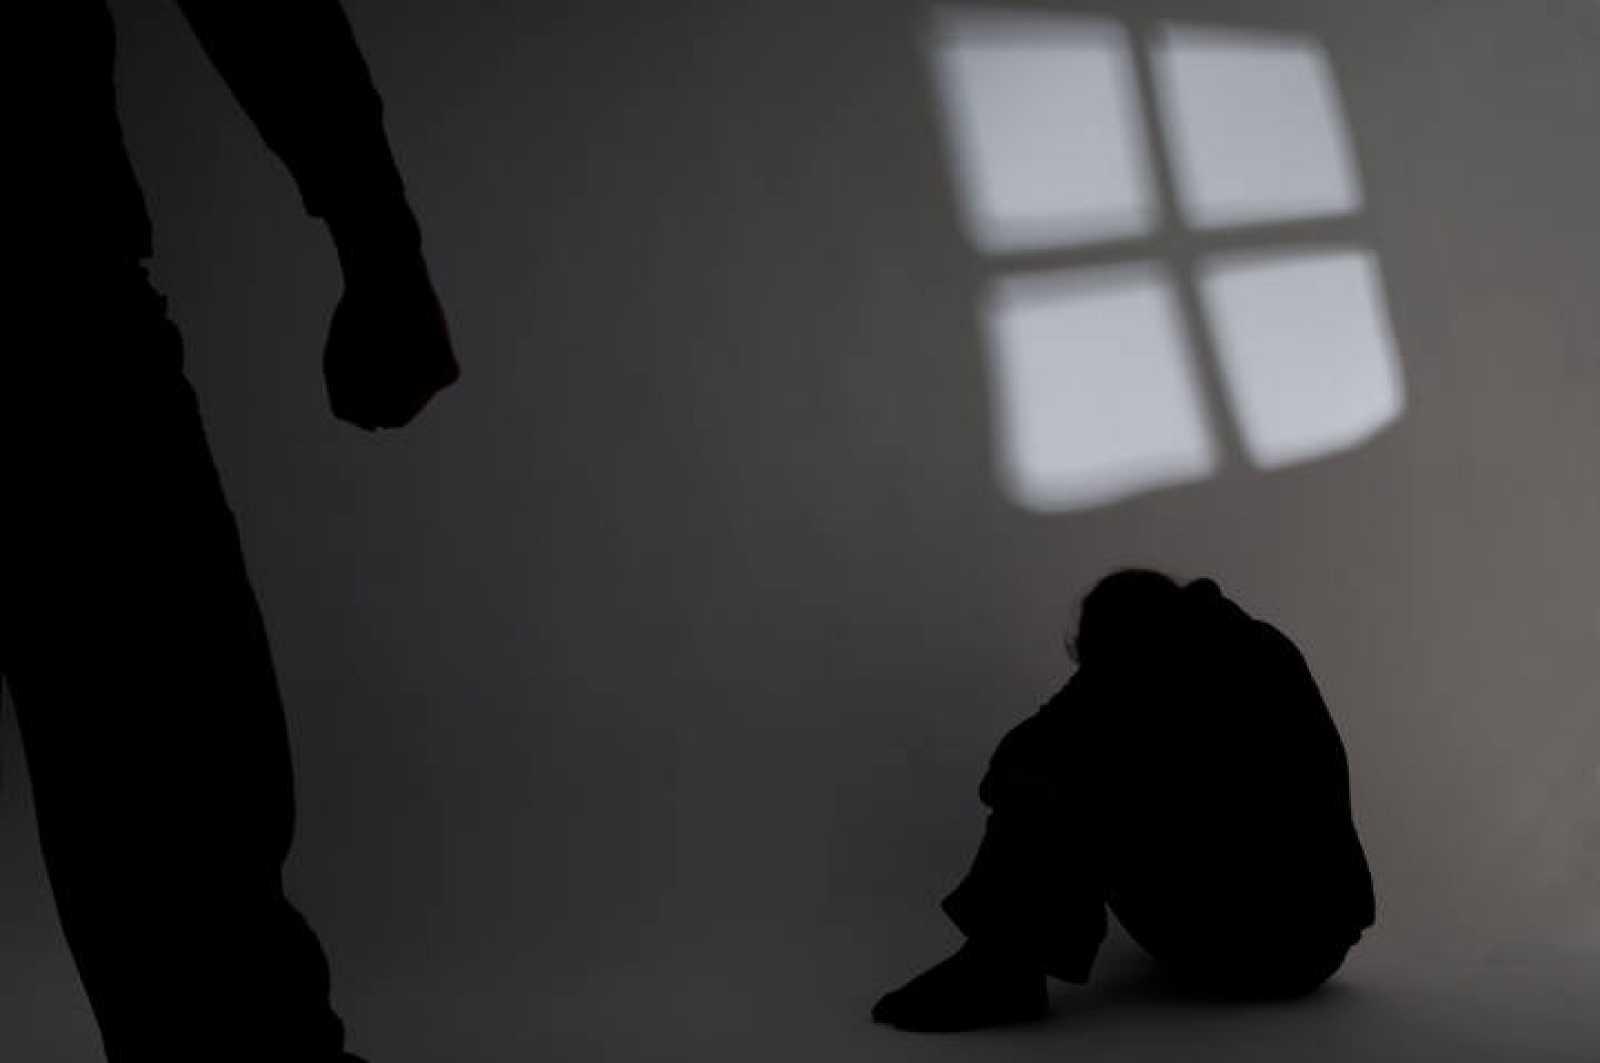 Romper el silencio es el primer objetivo en la lucha contra la violencia de género.